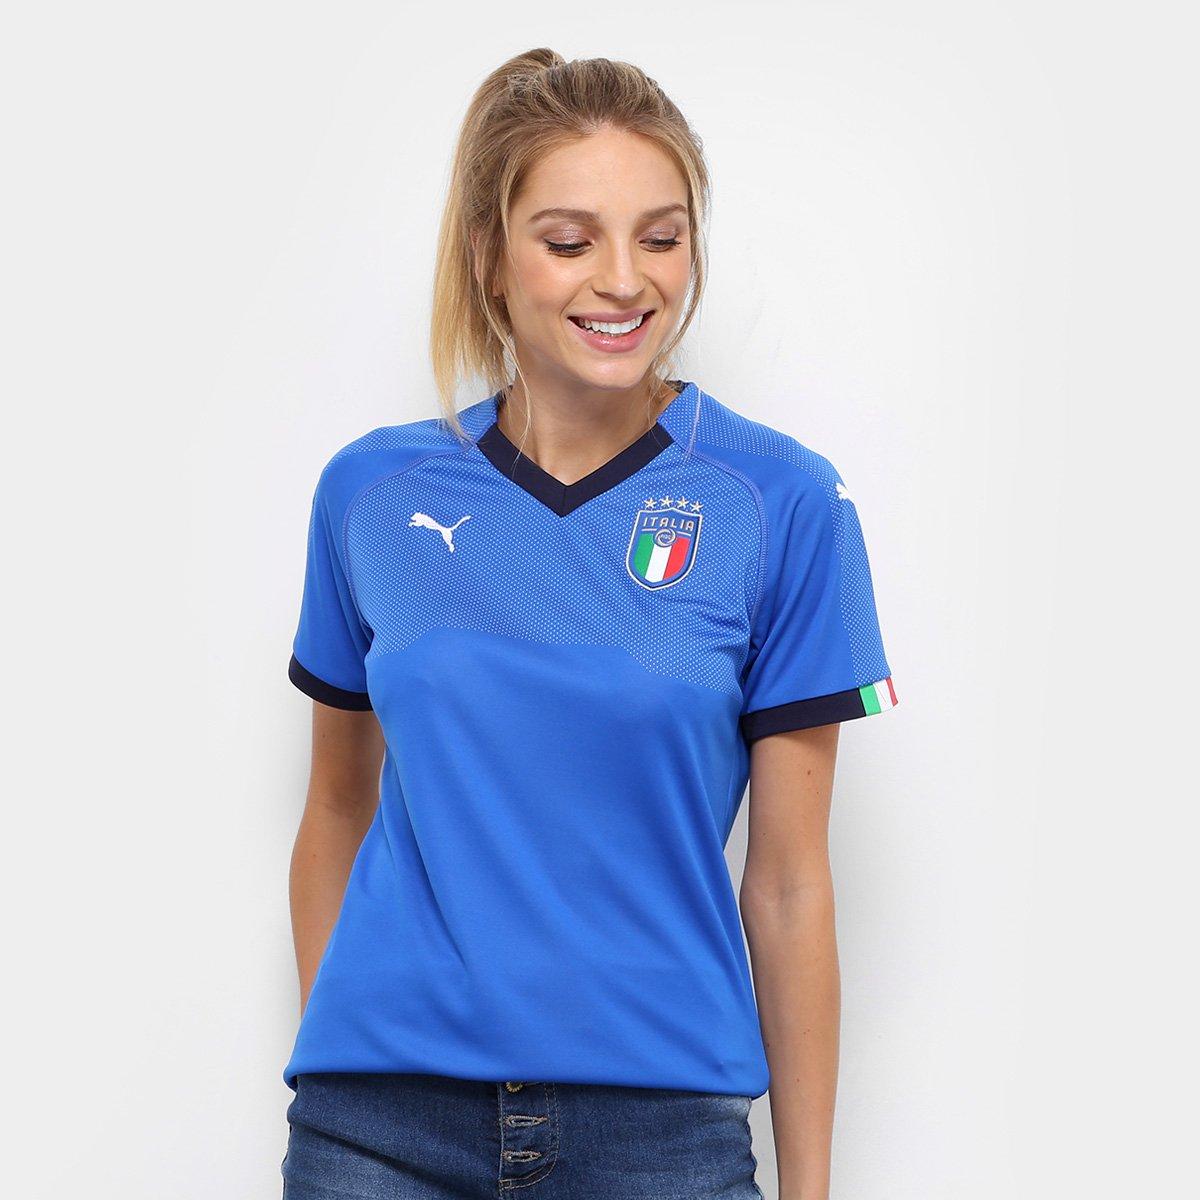 657bff2b12 Camisa Seleção Itália Home 2018 s n° - Torcedor Puma Feminina - Compre  Agora